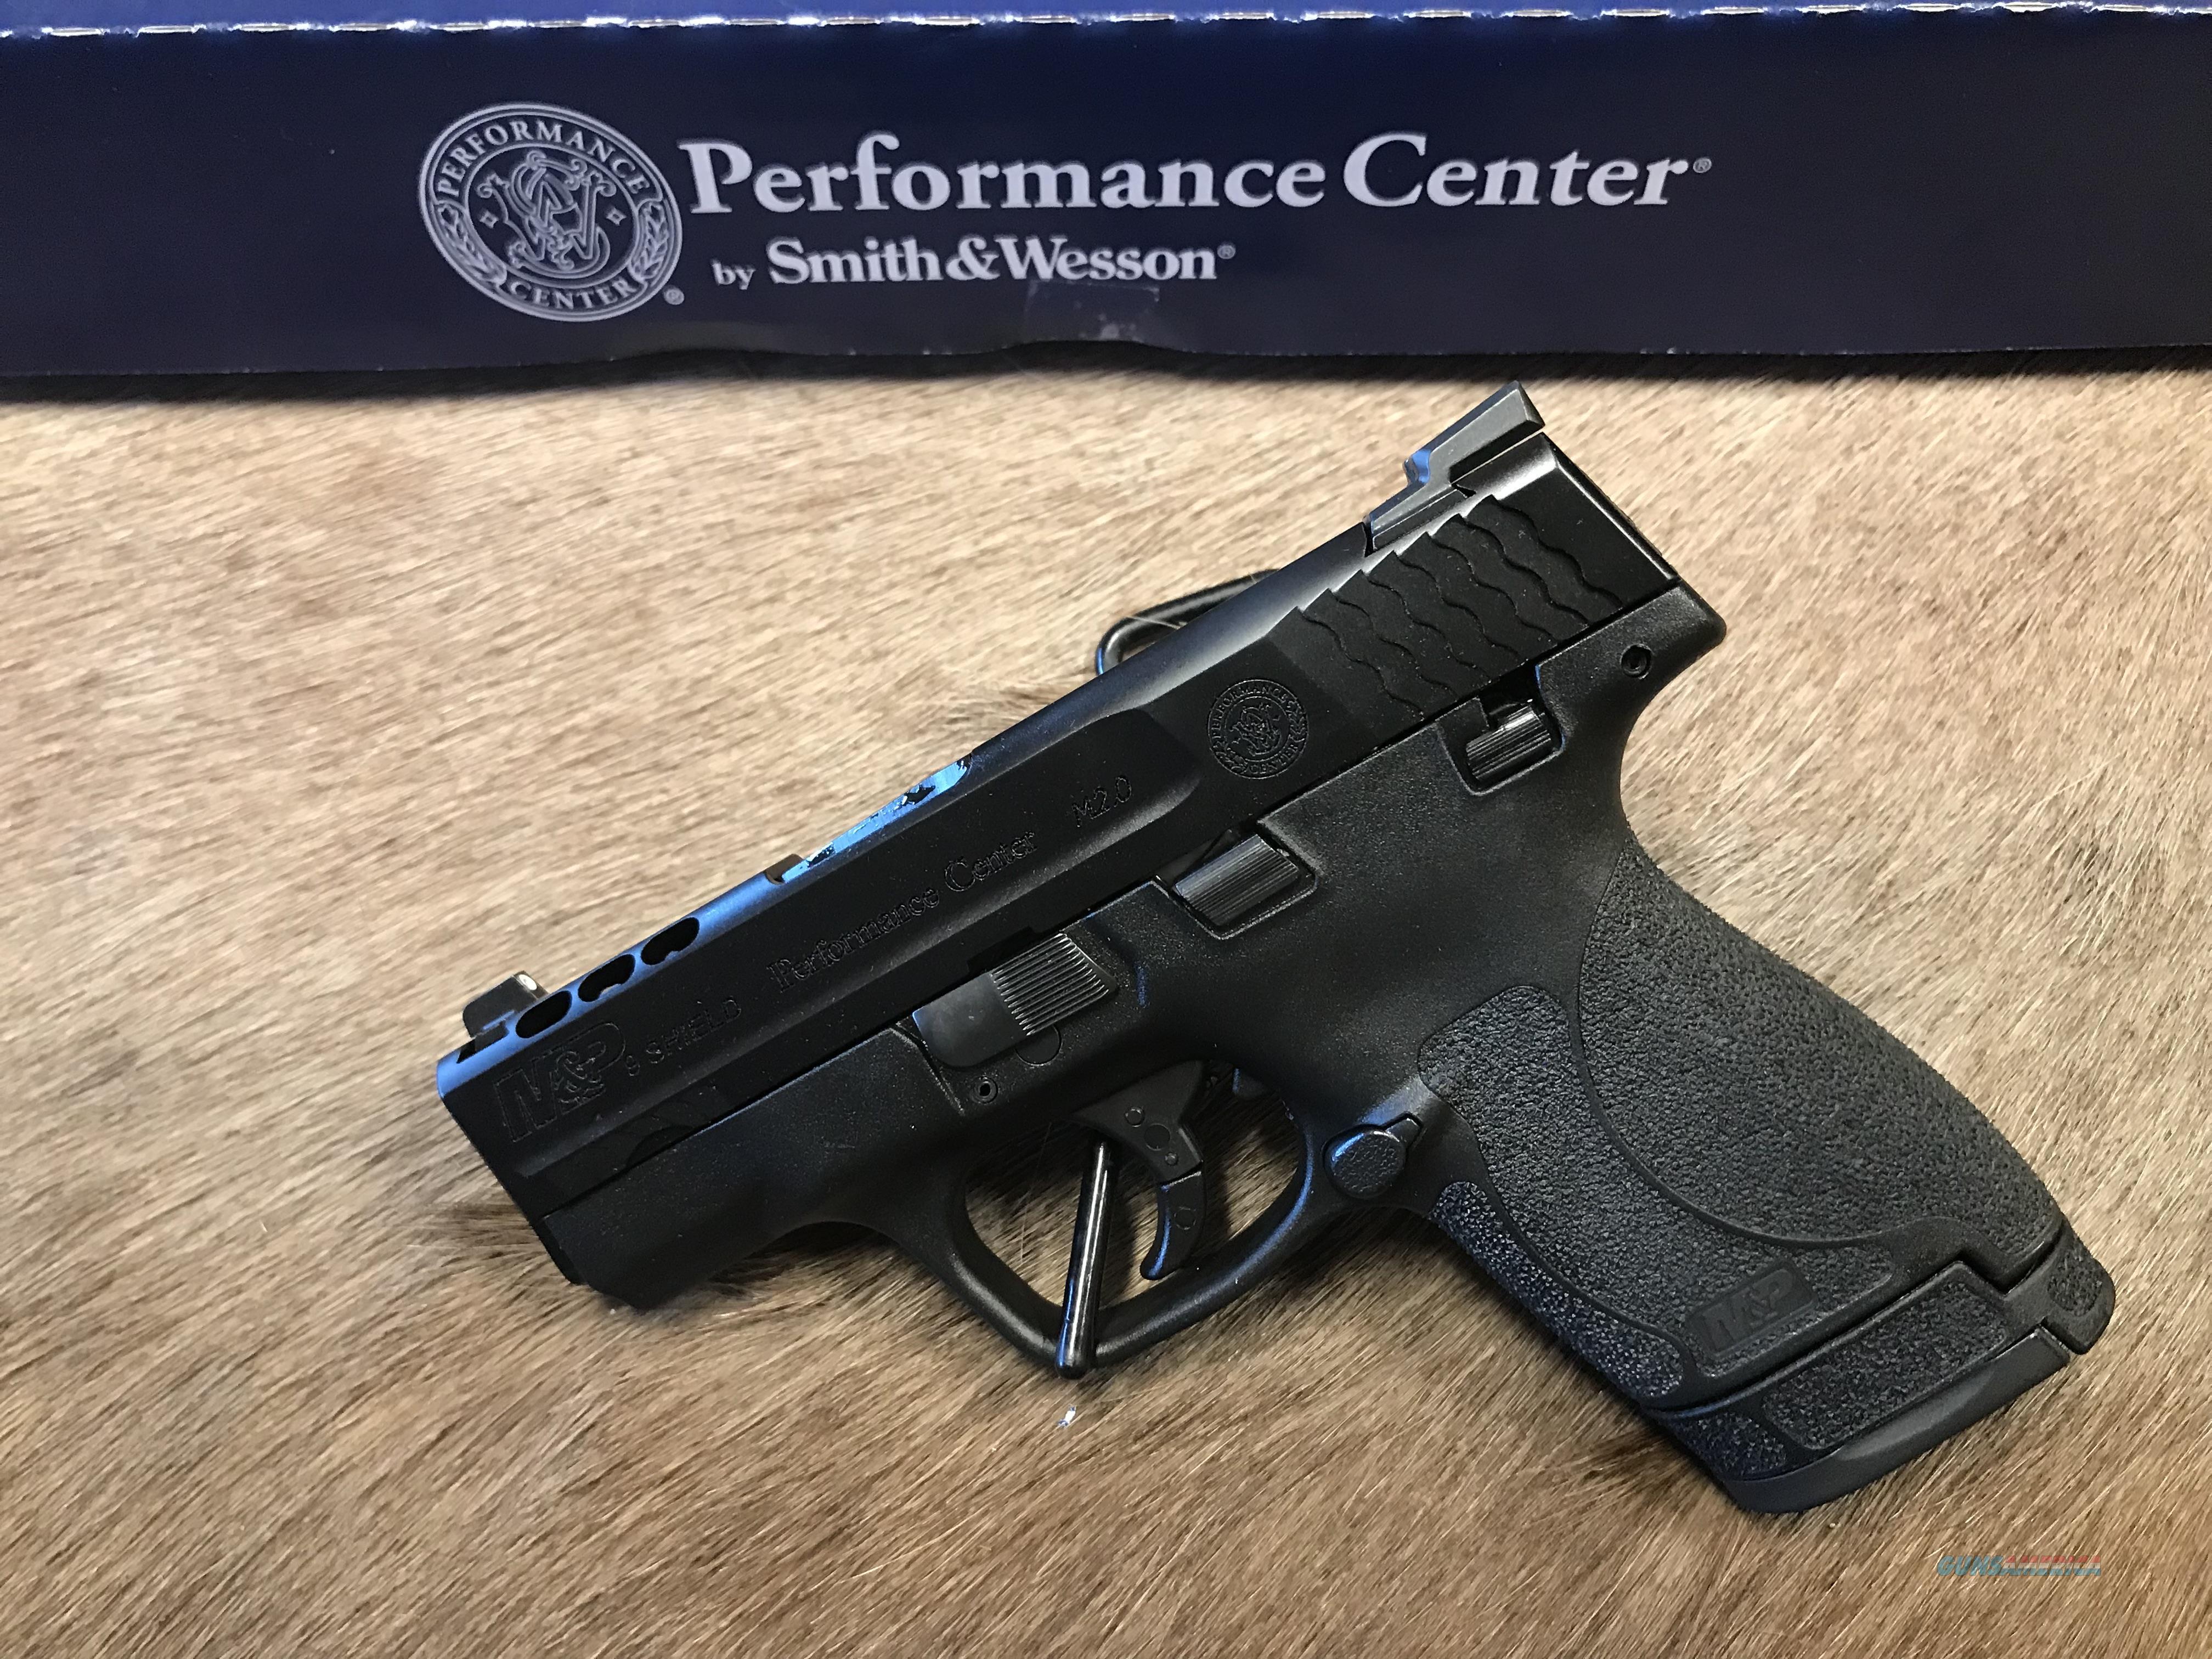 S&W M&P 2.0 P.C. Shield 9mm #11869  Guns > Pistols > Smith & Wesson Pistols - Autos > Shield